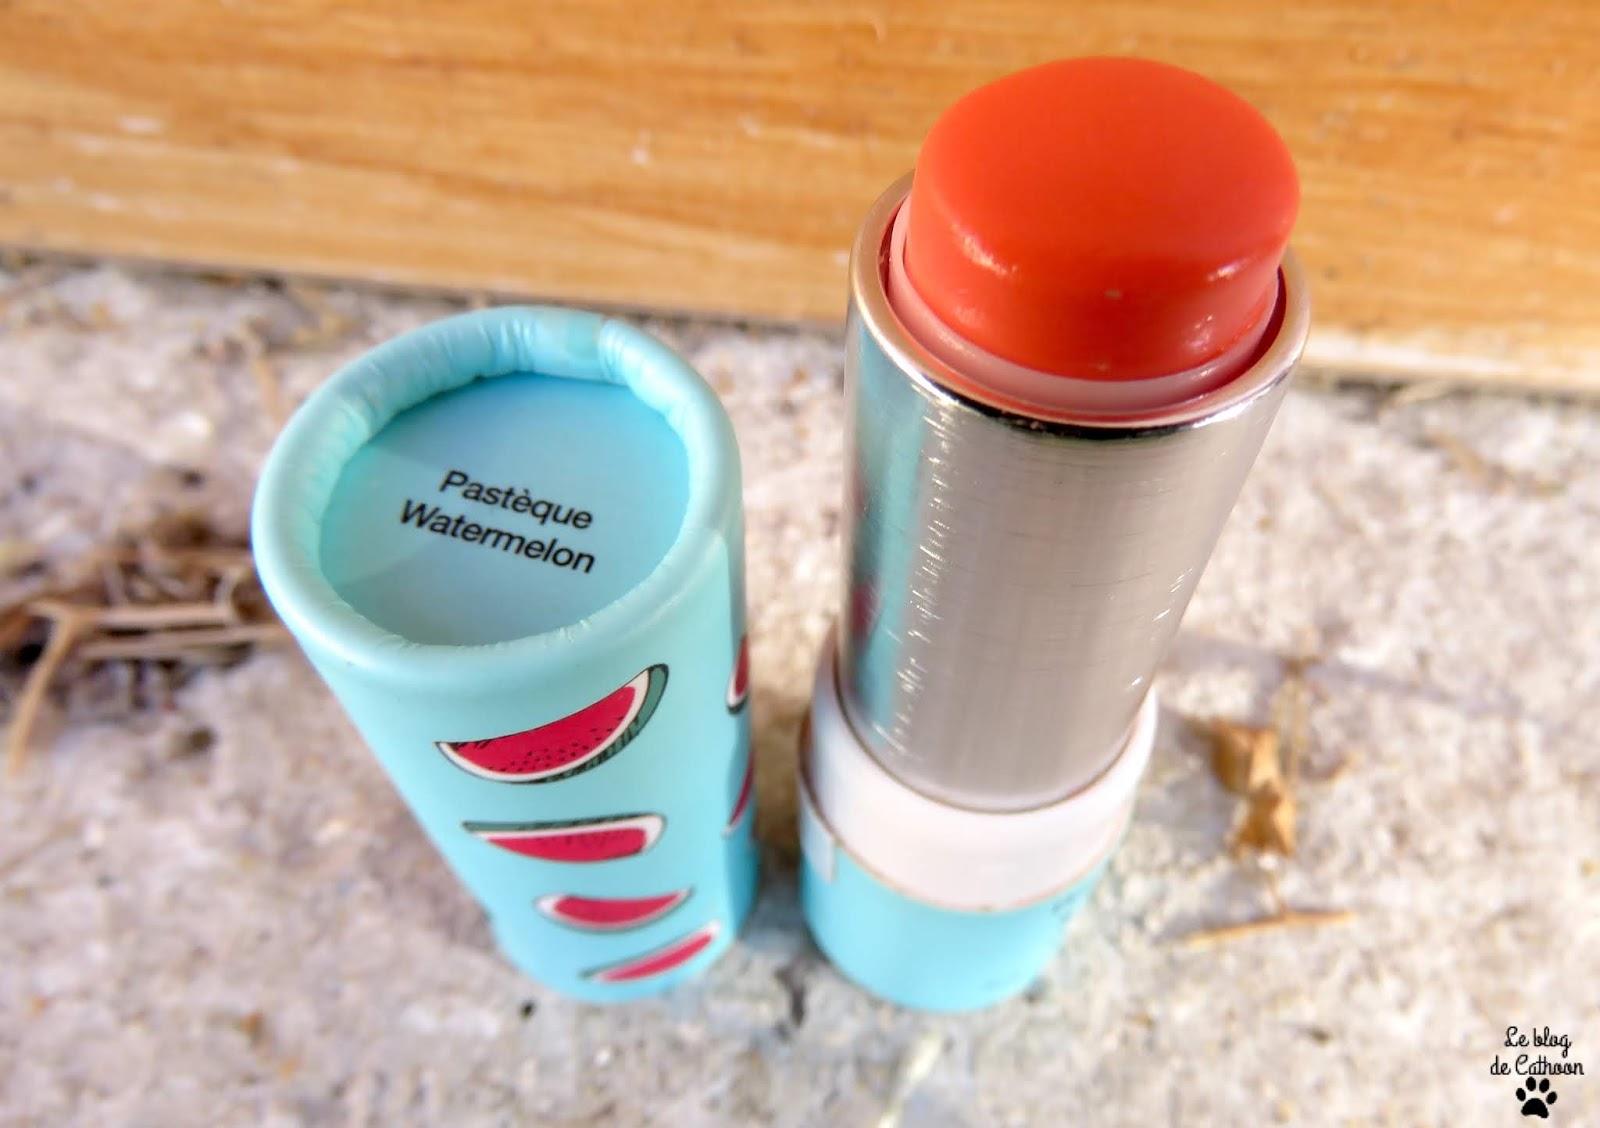 Baume Lèvres Pastèque - Sephora